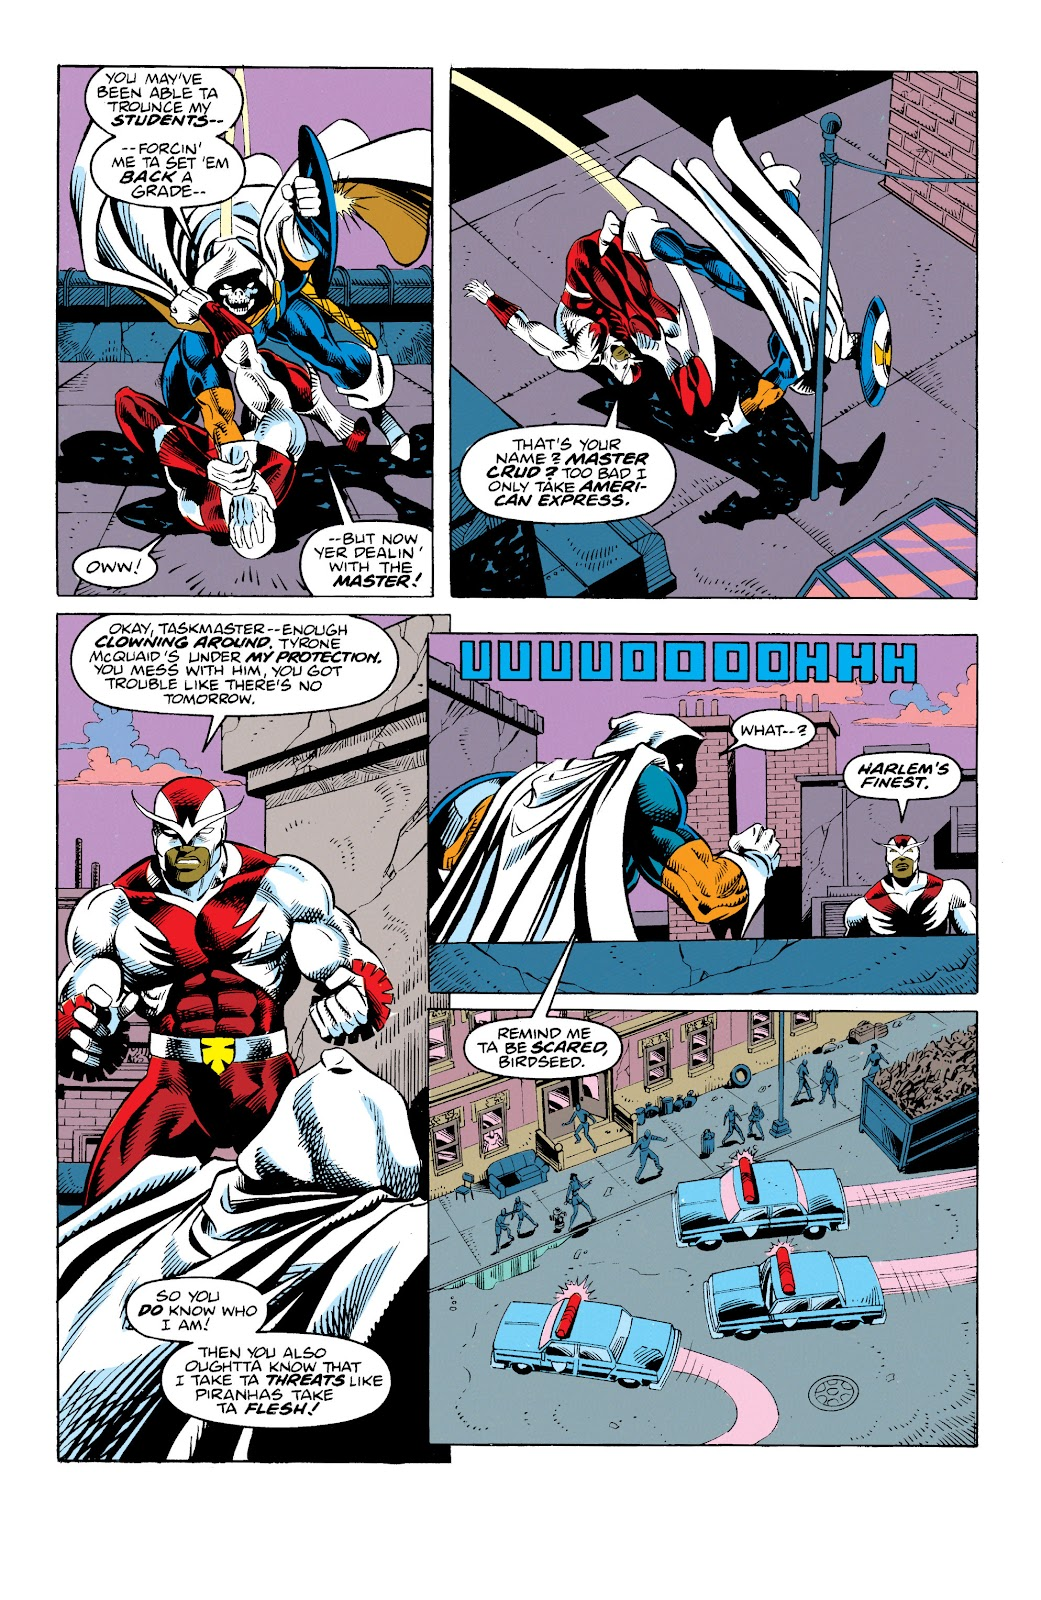 Read online Avengers: Citizen Kang comic -  Issue # TPB (Part 1) - 45